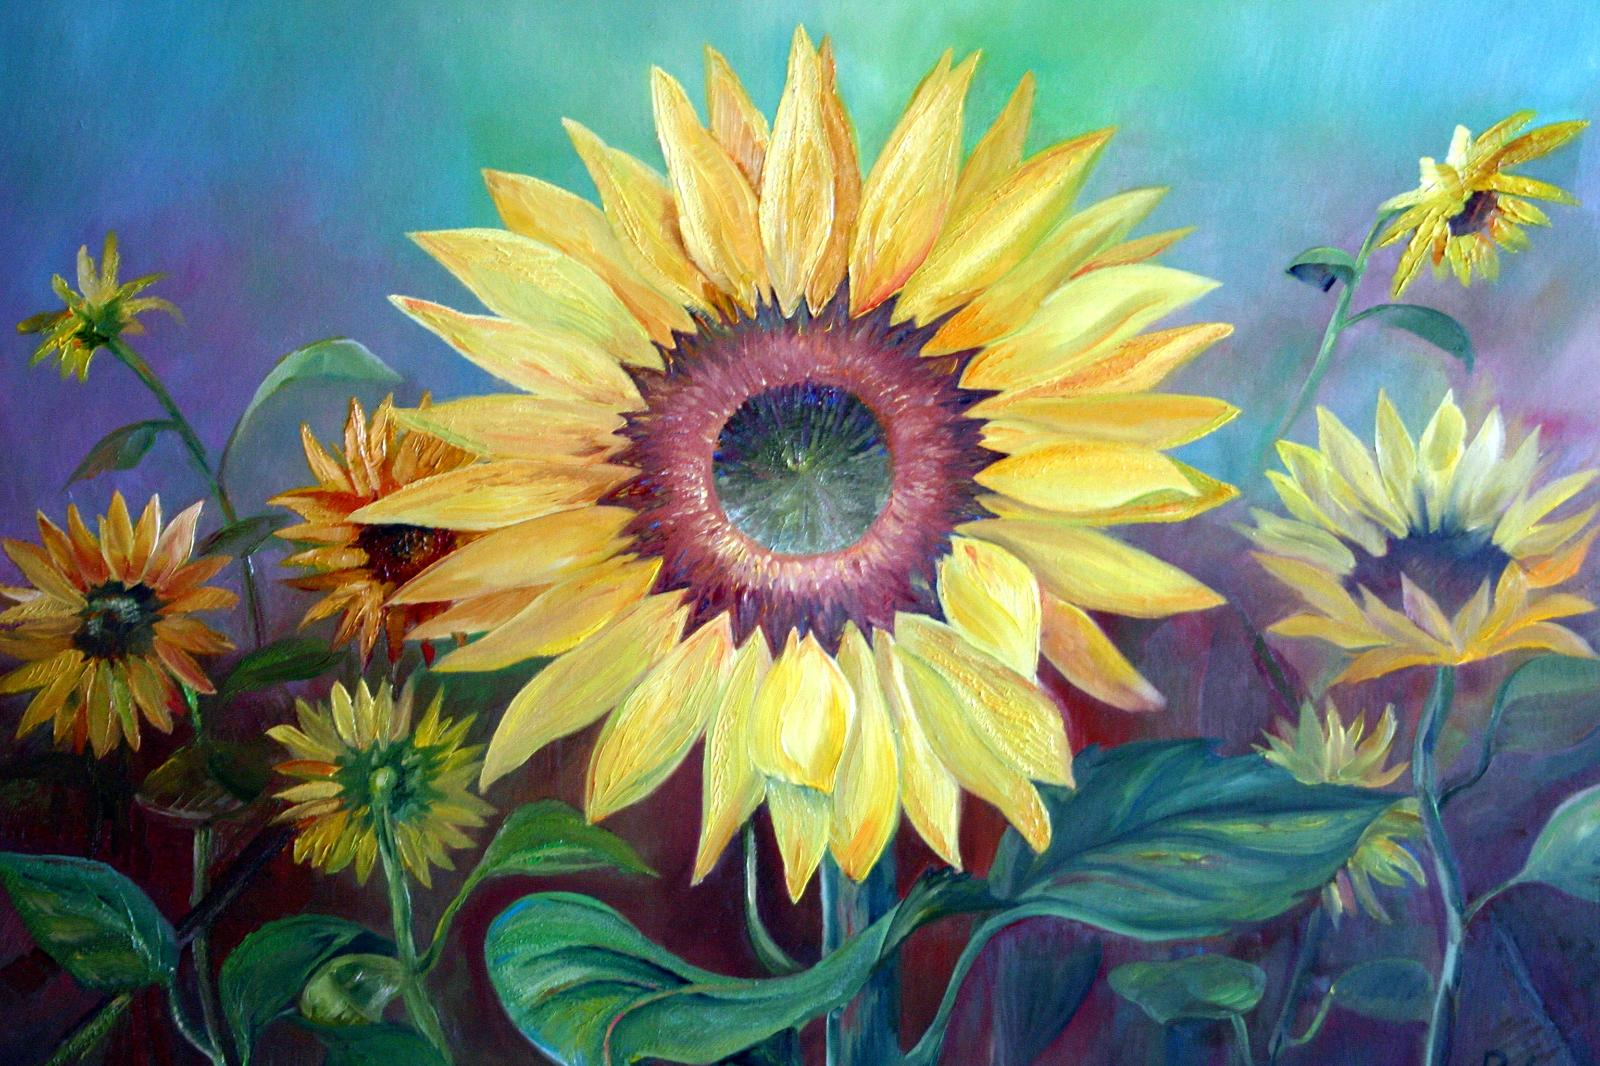 Kunst Gemälde die sonnenblumen 80 x 60 cm öl auf leinwand natur waldemar